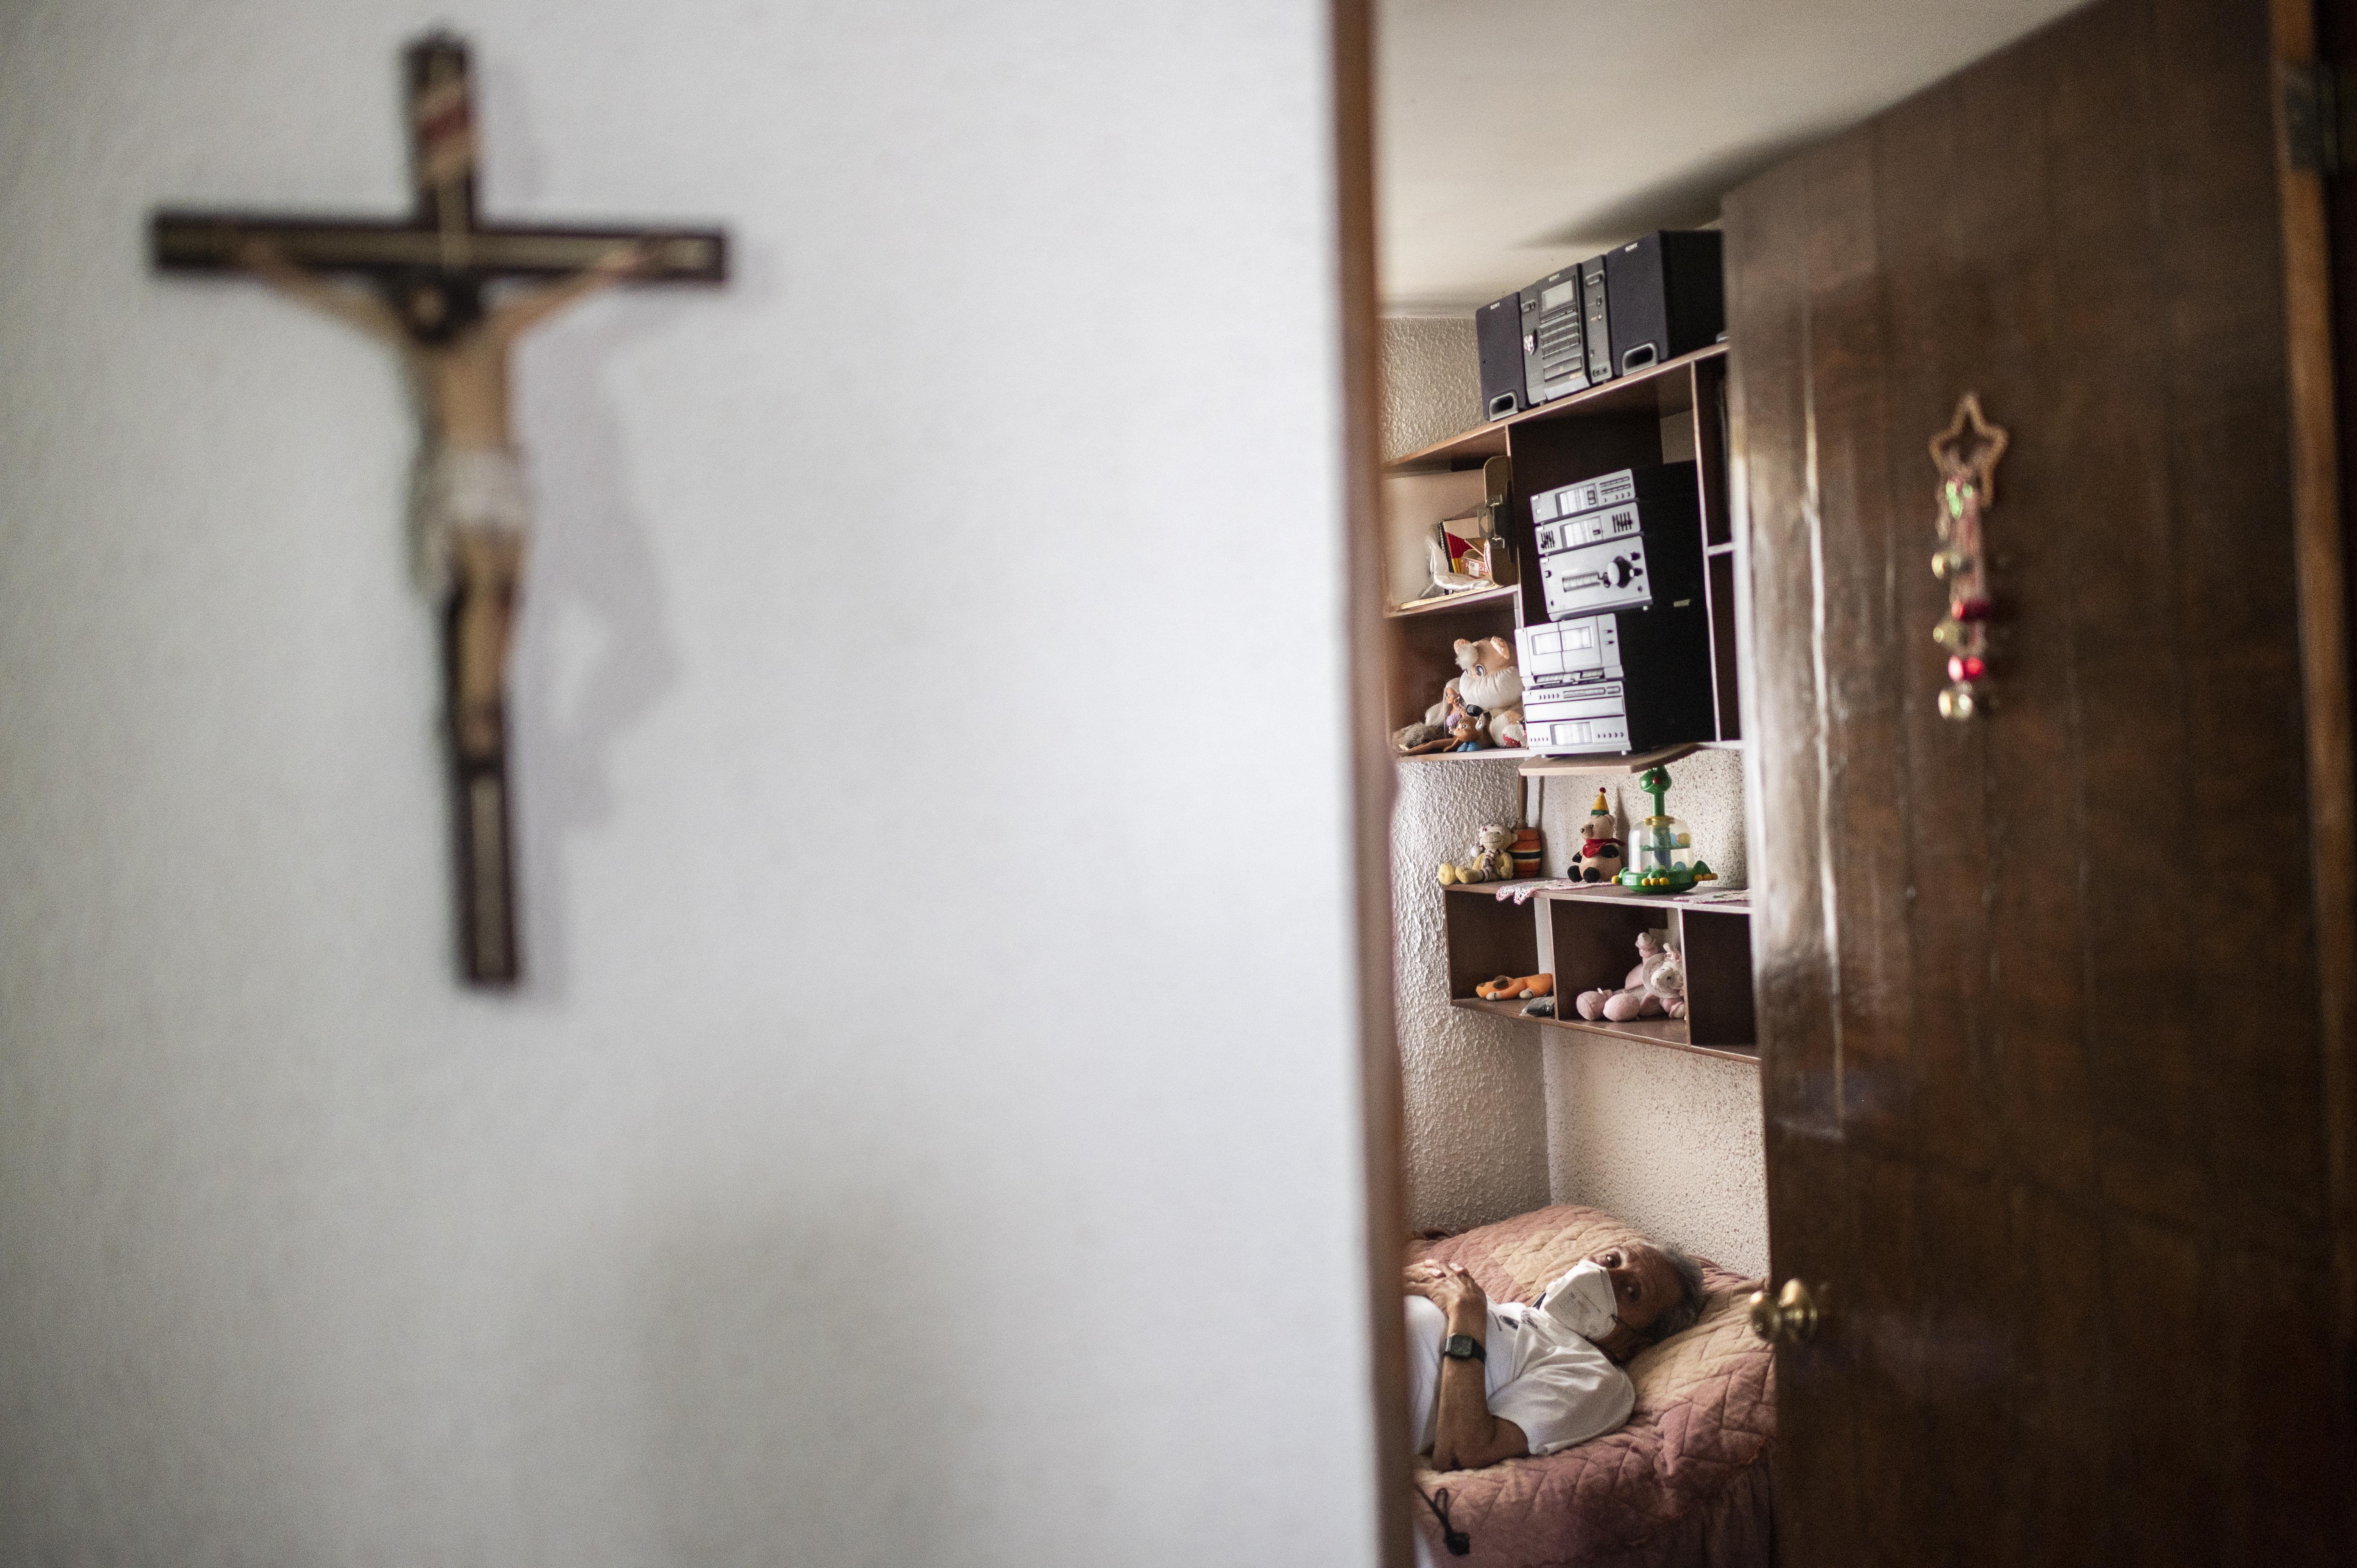 El paramédico Jorge Lino, de 52 años, (fuera de cuadro), controla a un hombre con síntomas de COVID-19 en Ciudad Nezahualcóyotl, Estado de México, México, el 21 de junio de 2020 durante la nueva pandemia de coronavirus. (Foto por Pedro PARDO / AFP)